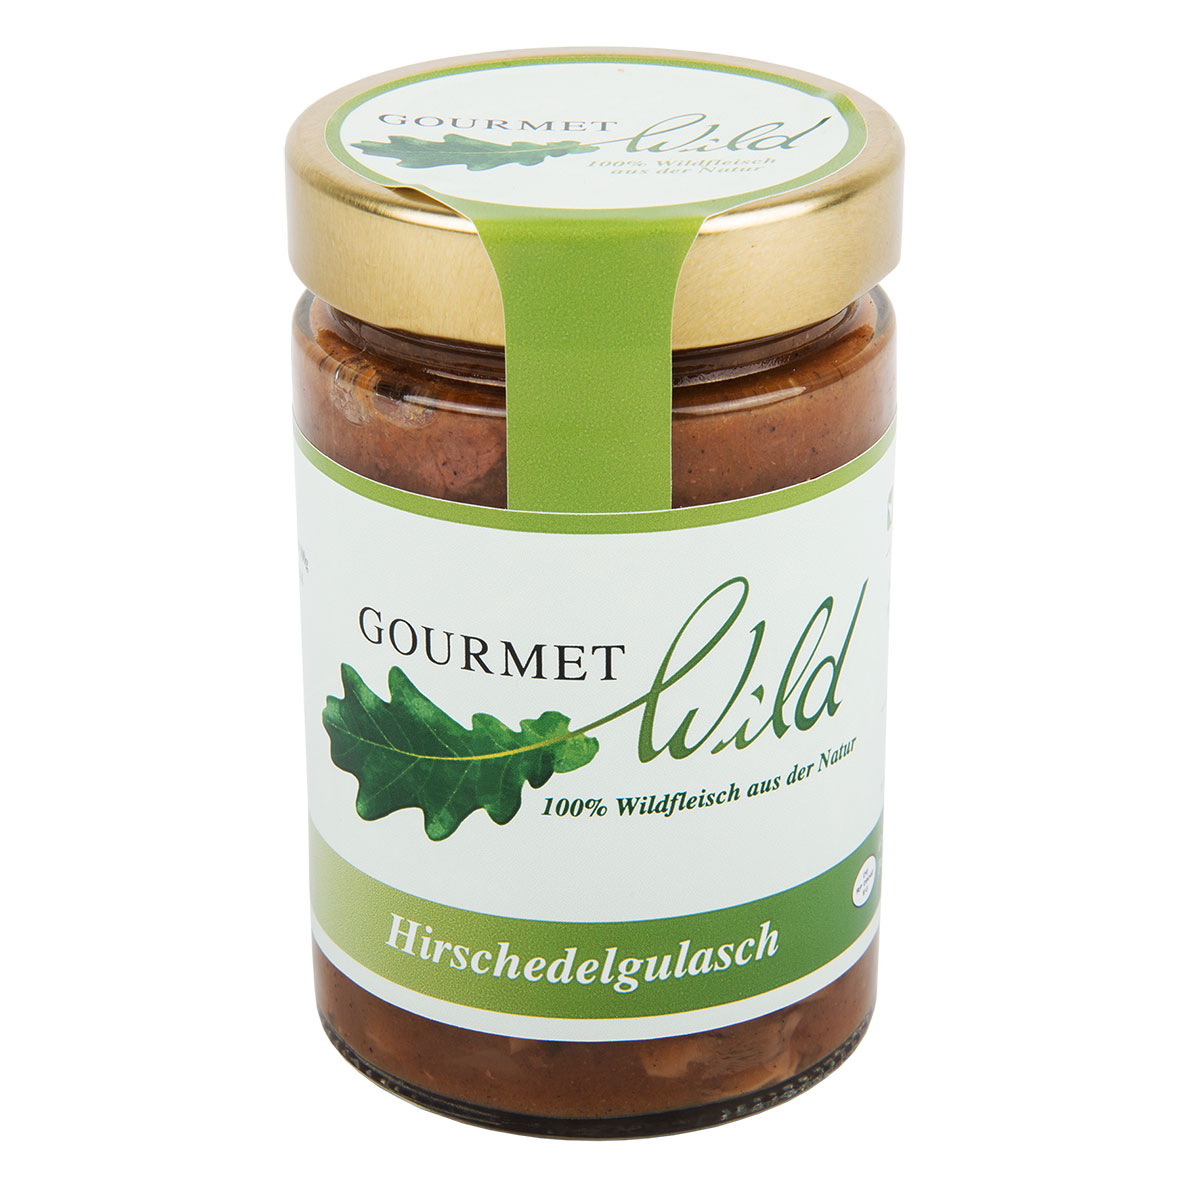 GOURMET WILD - Hirsch-Edelgulasch im Pareyshop